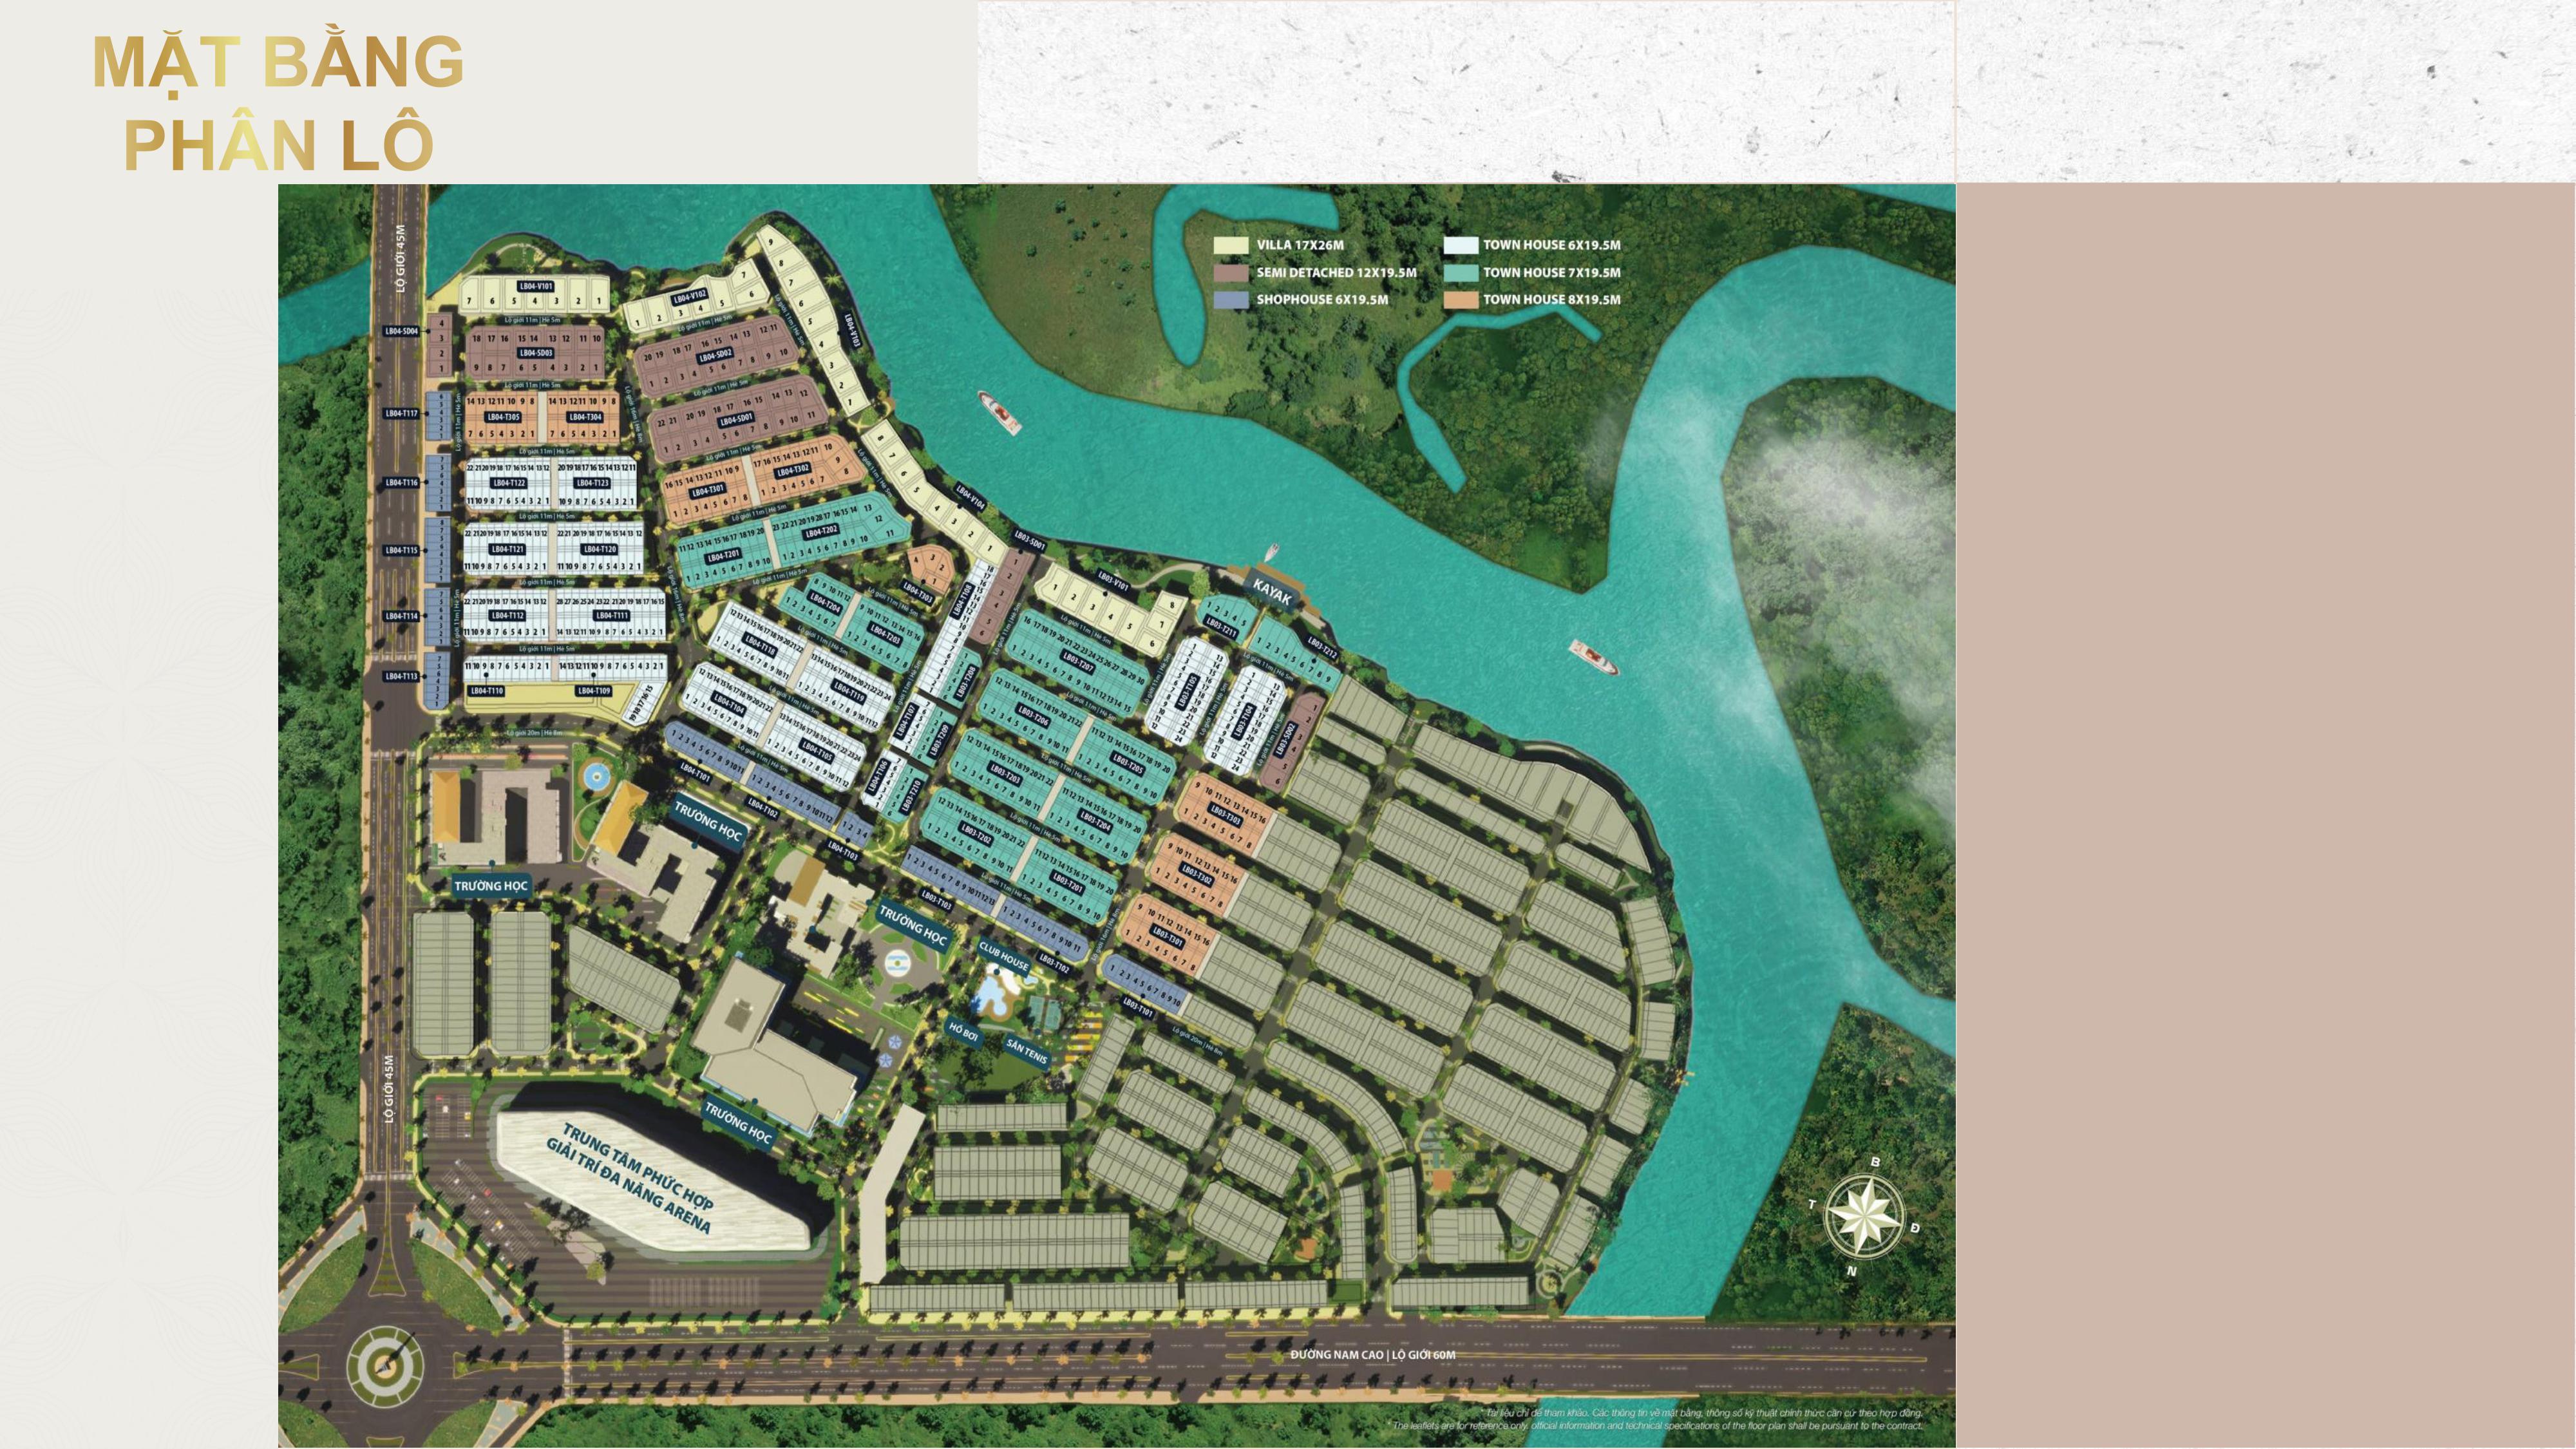 Mặt bằng phân khu mới nhất The Valencia của Dự án Aqua City